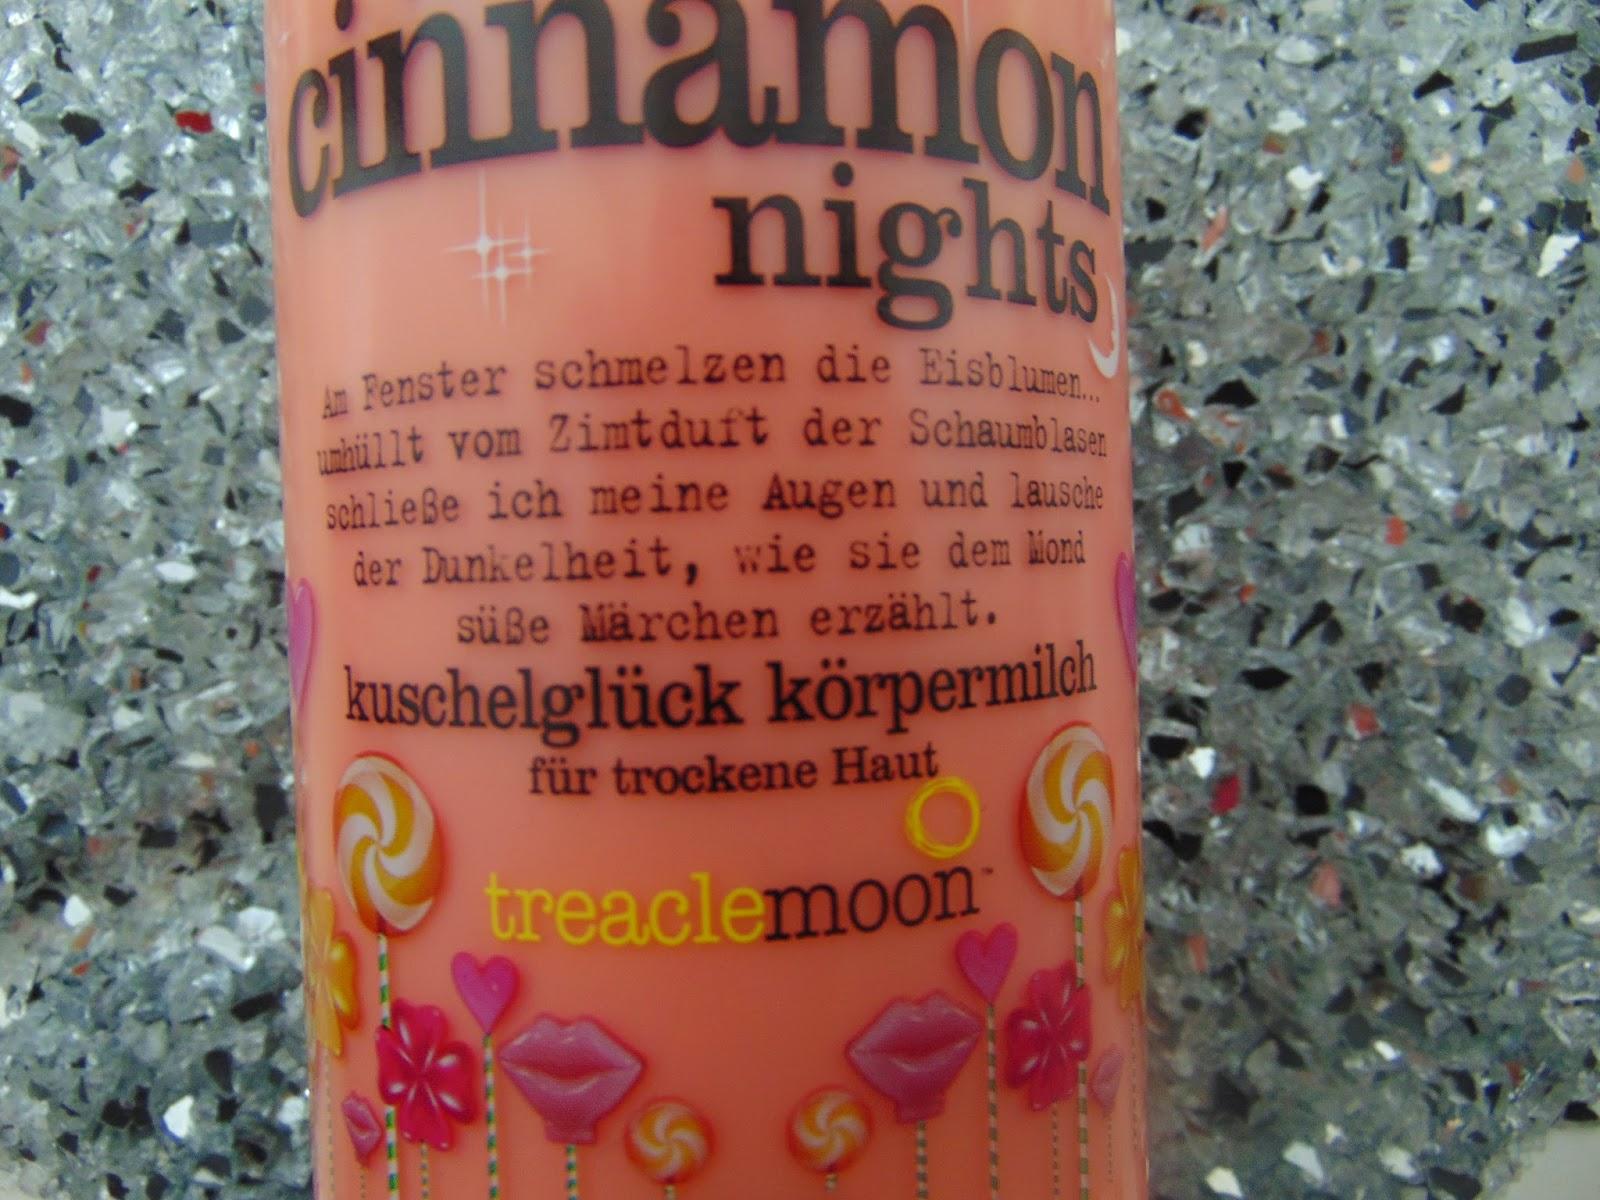 Treaclemoon - Körpermilch - Warm Cinnemon Nights - www.annitschkasblog.de